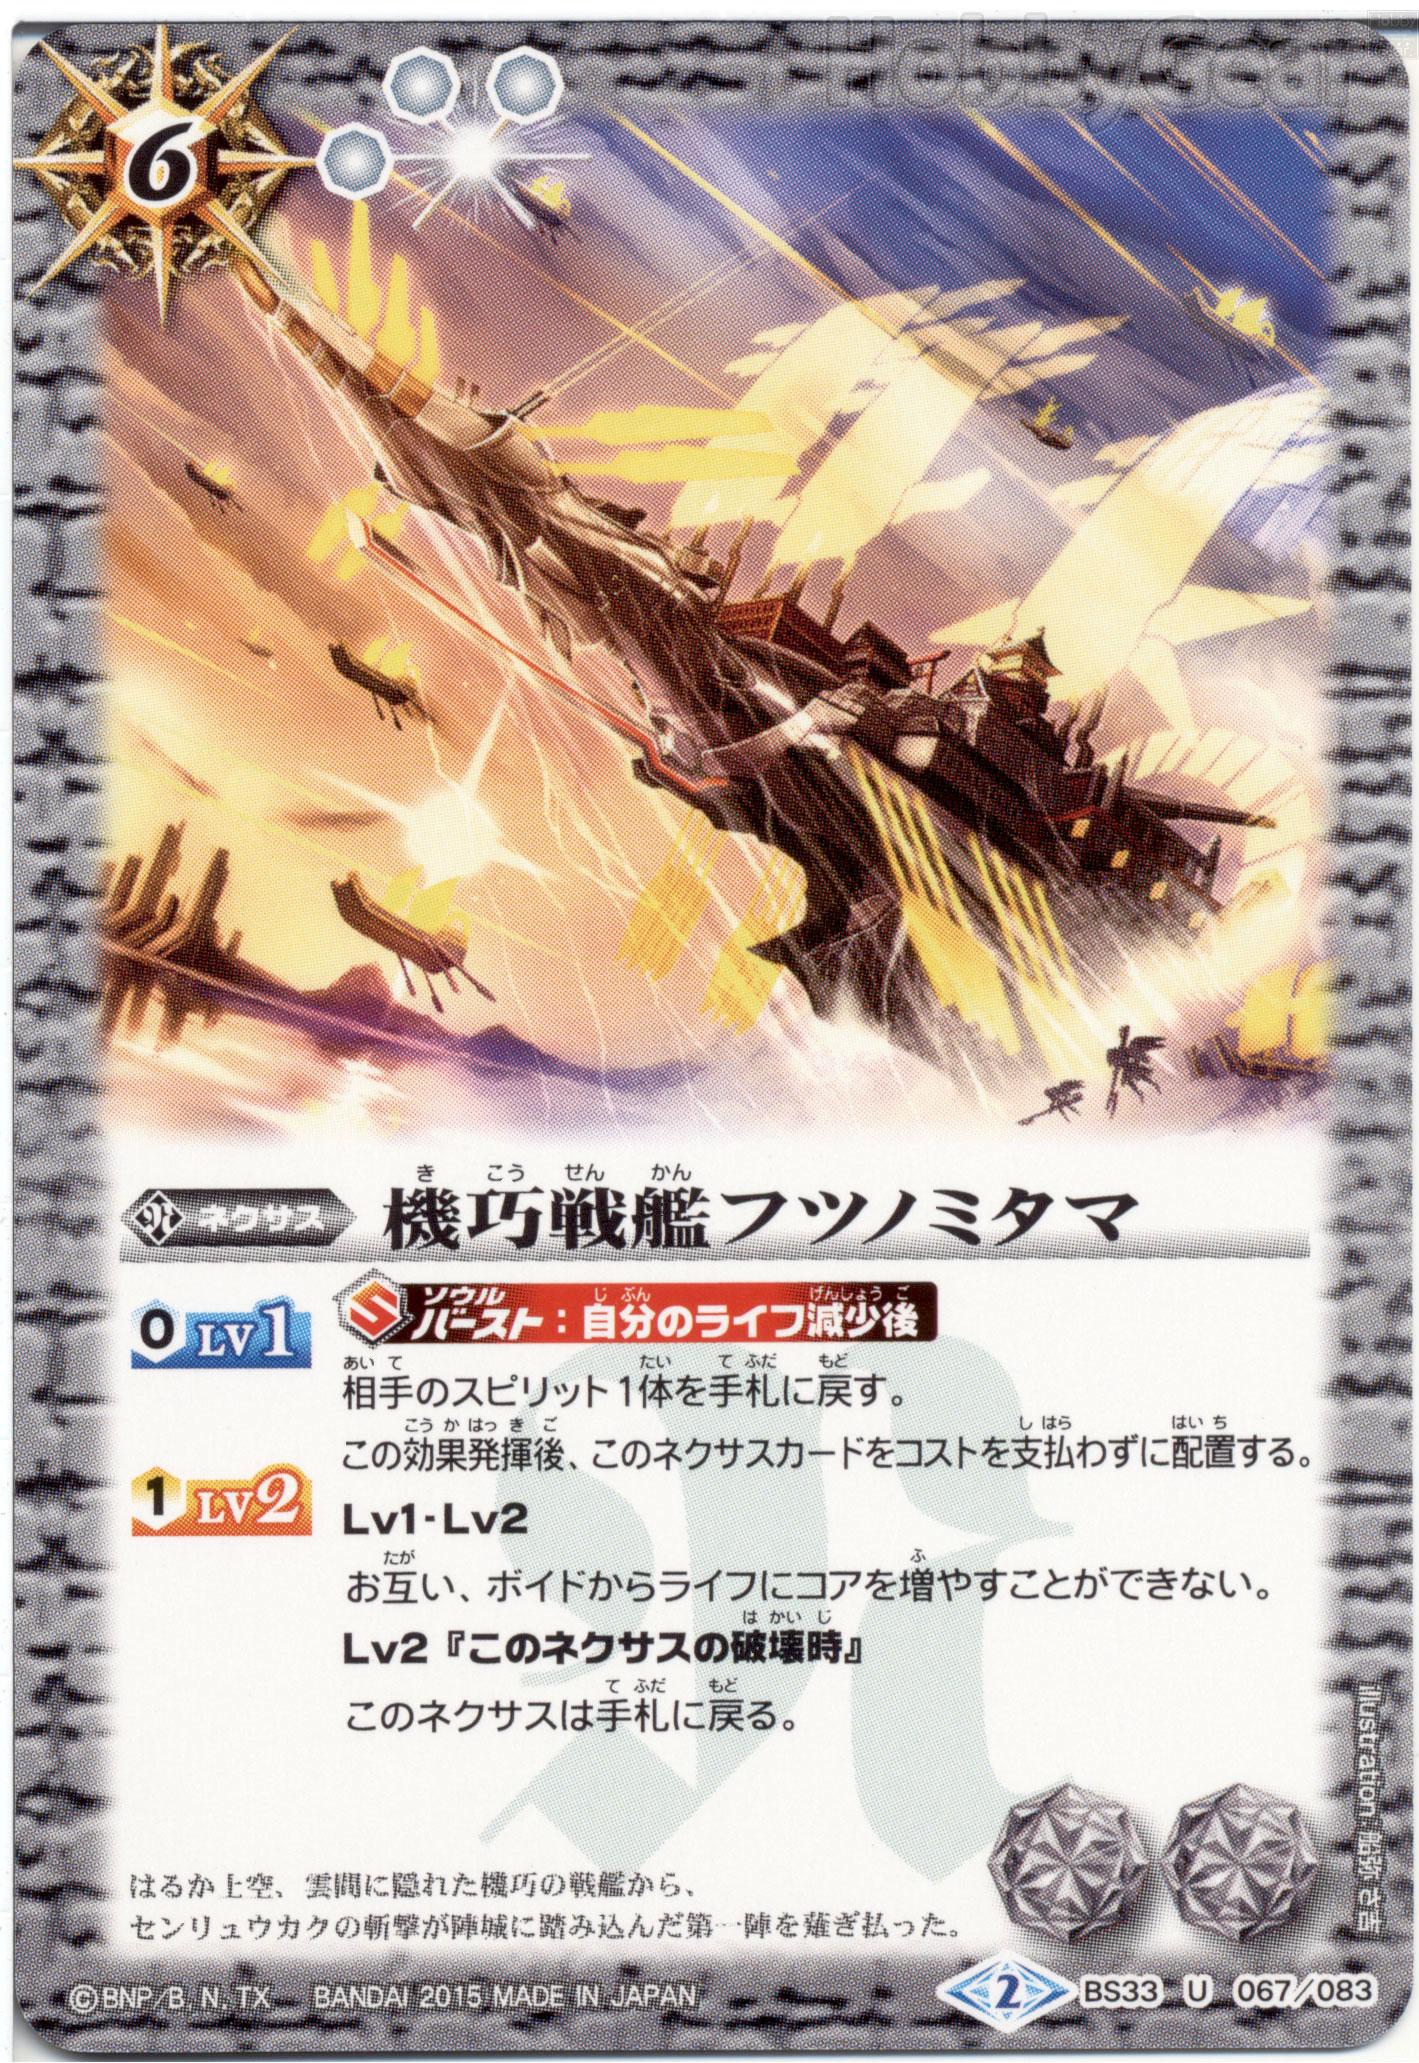 The Clever Machine Warship Futsunomitama